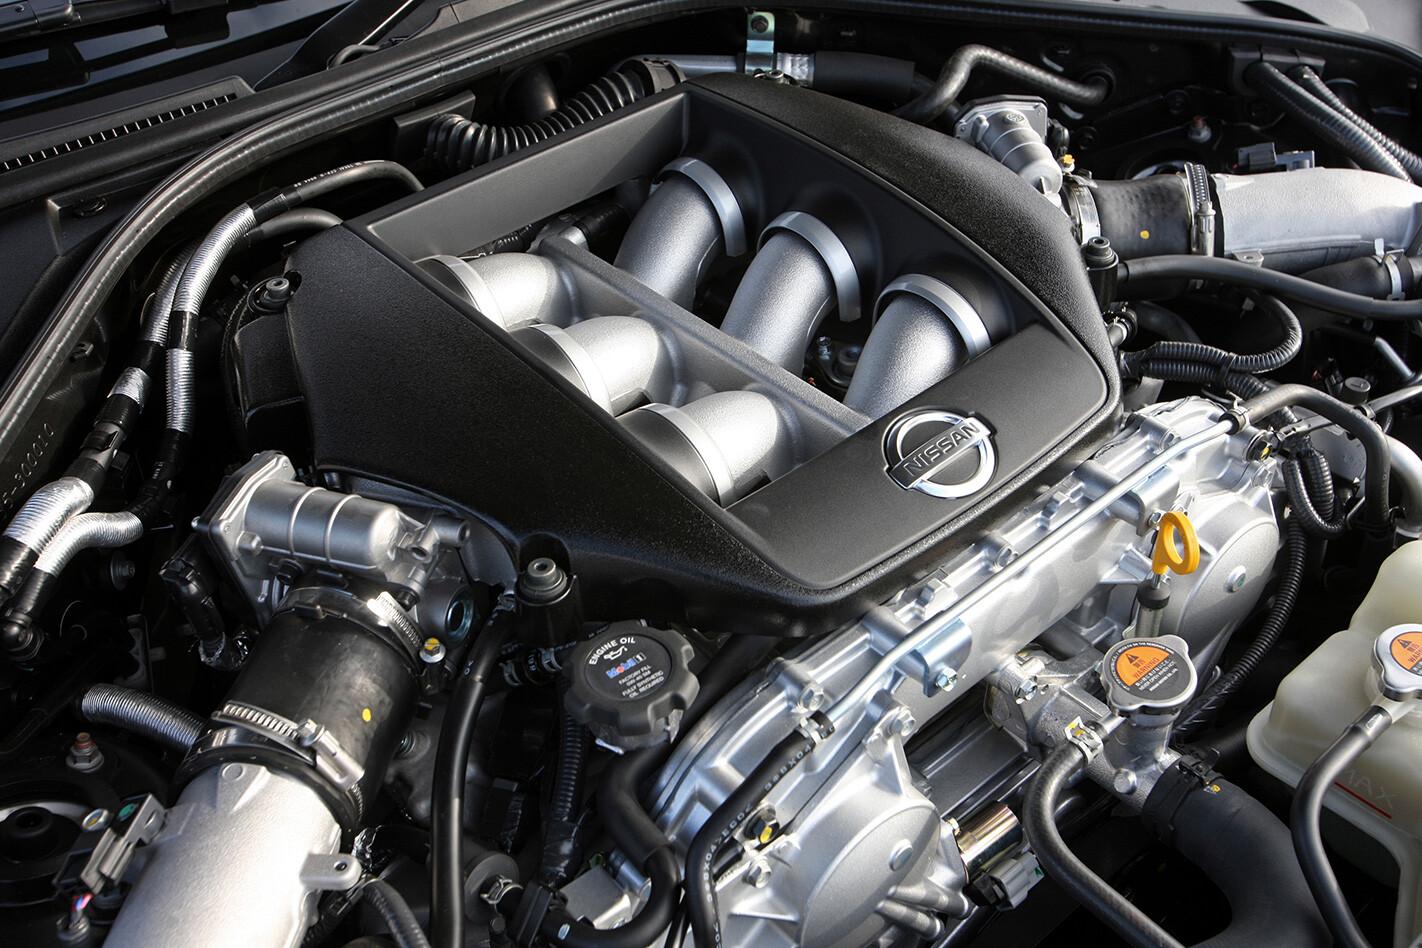 Nissan R35 GT-R Spec-V engine